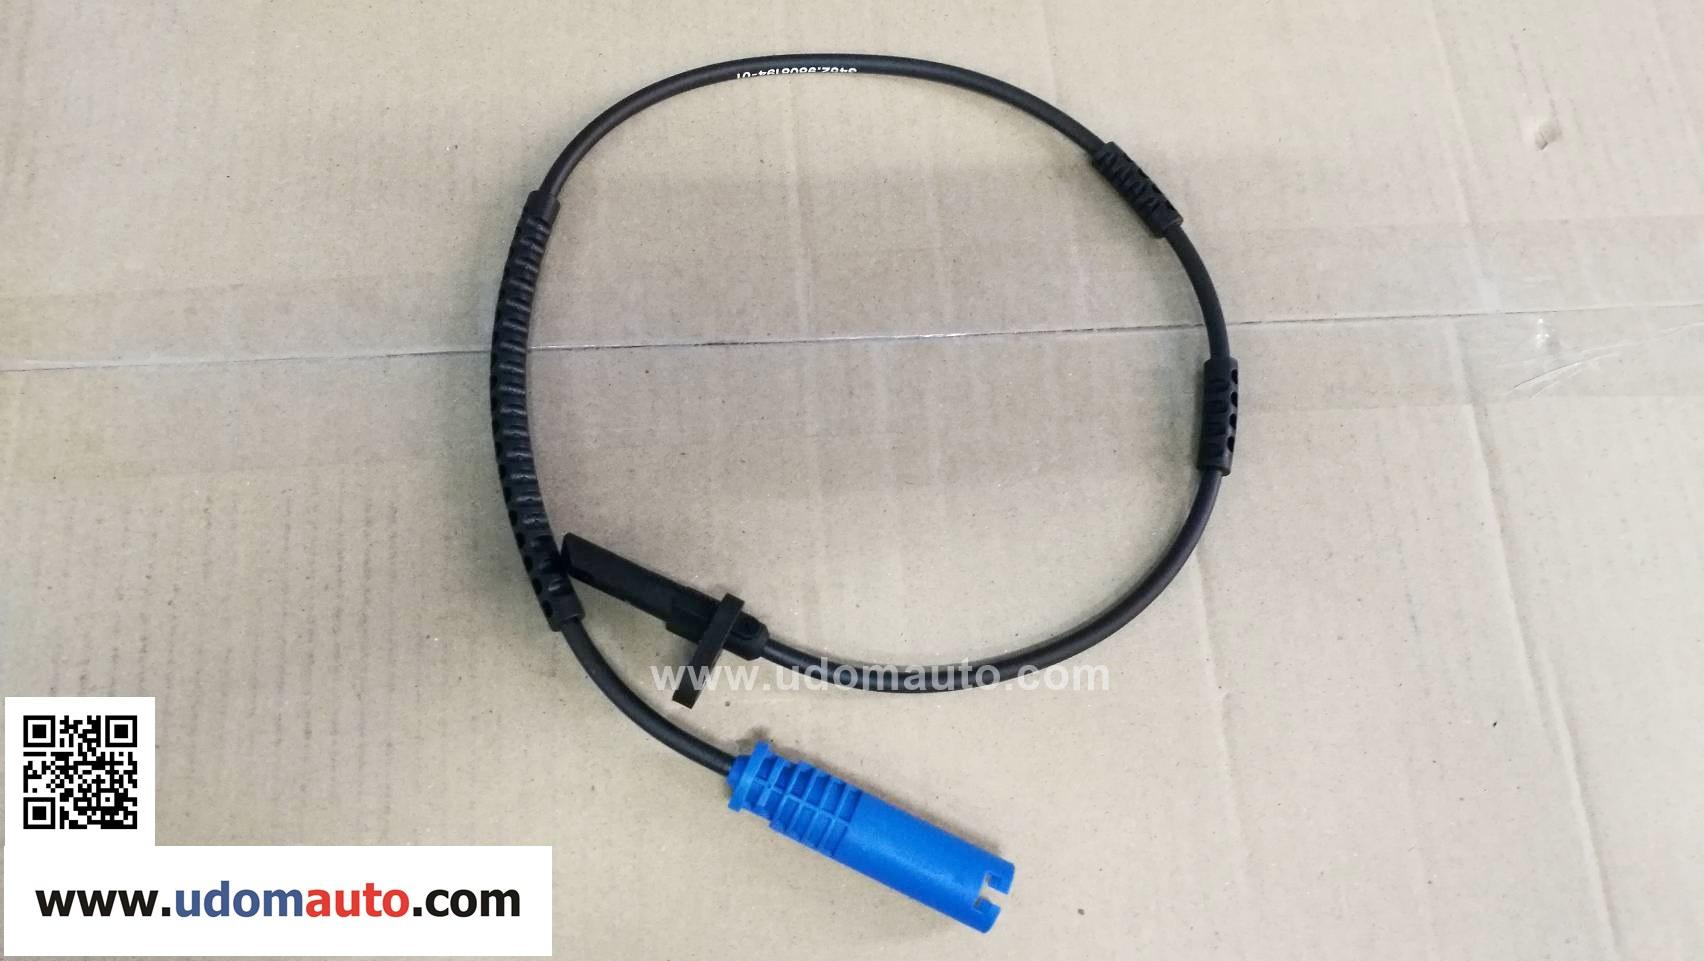 สปีดเซนเซอร์-หลัง R60, R61 / ABS Speed Sensor, 34529808194